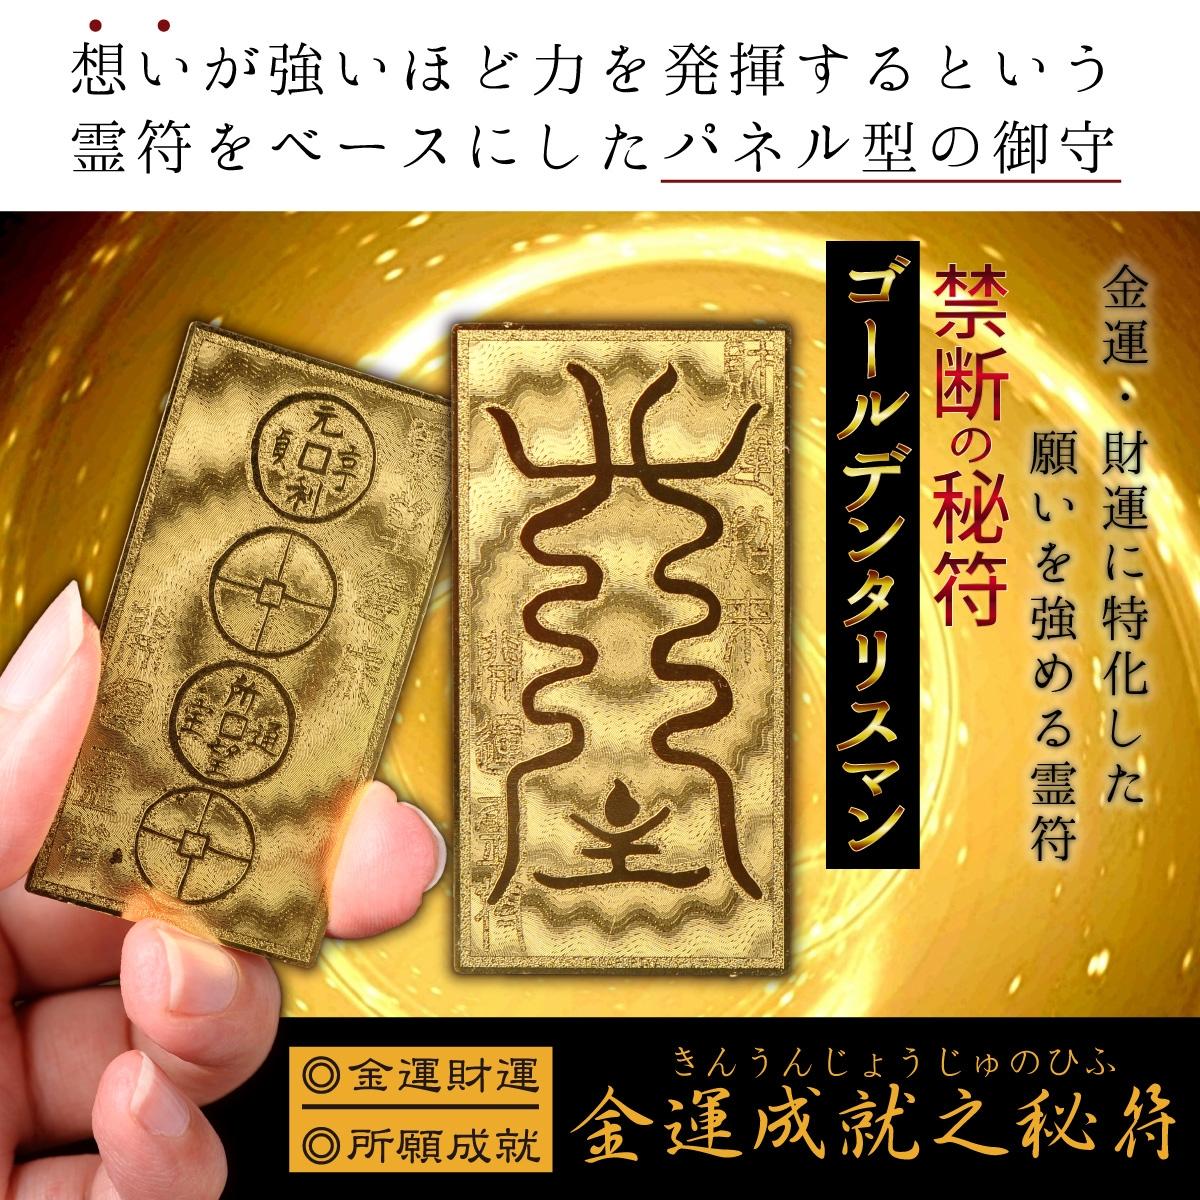 【霊符・御守】 ゴールデンタリスマン 金運成就之秘符 ≫金運と願望成就 開運グッズ